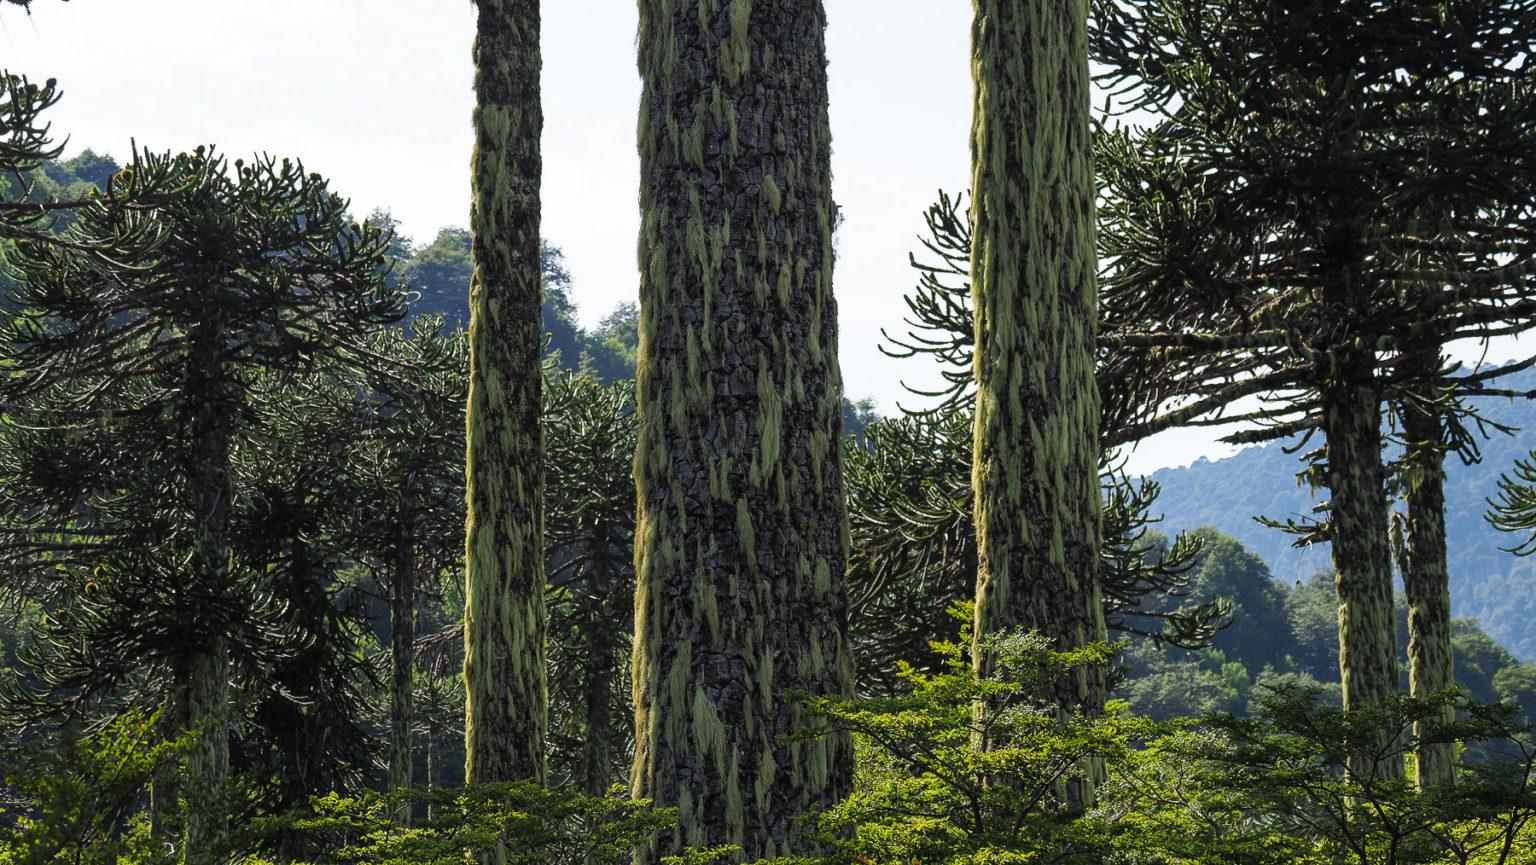 Ein exotischer, wunderschönen Wald